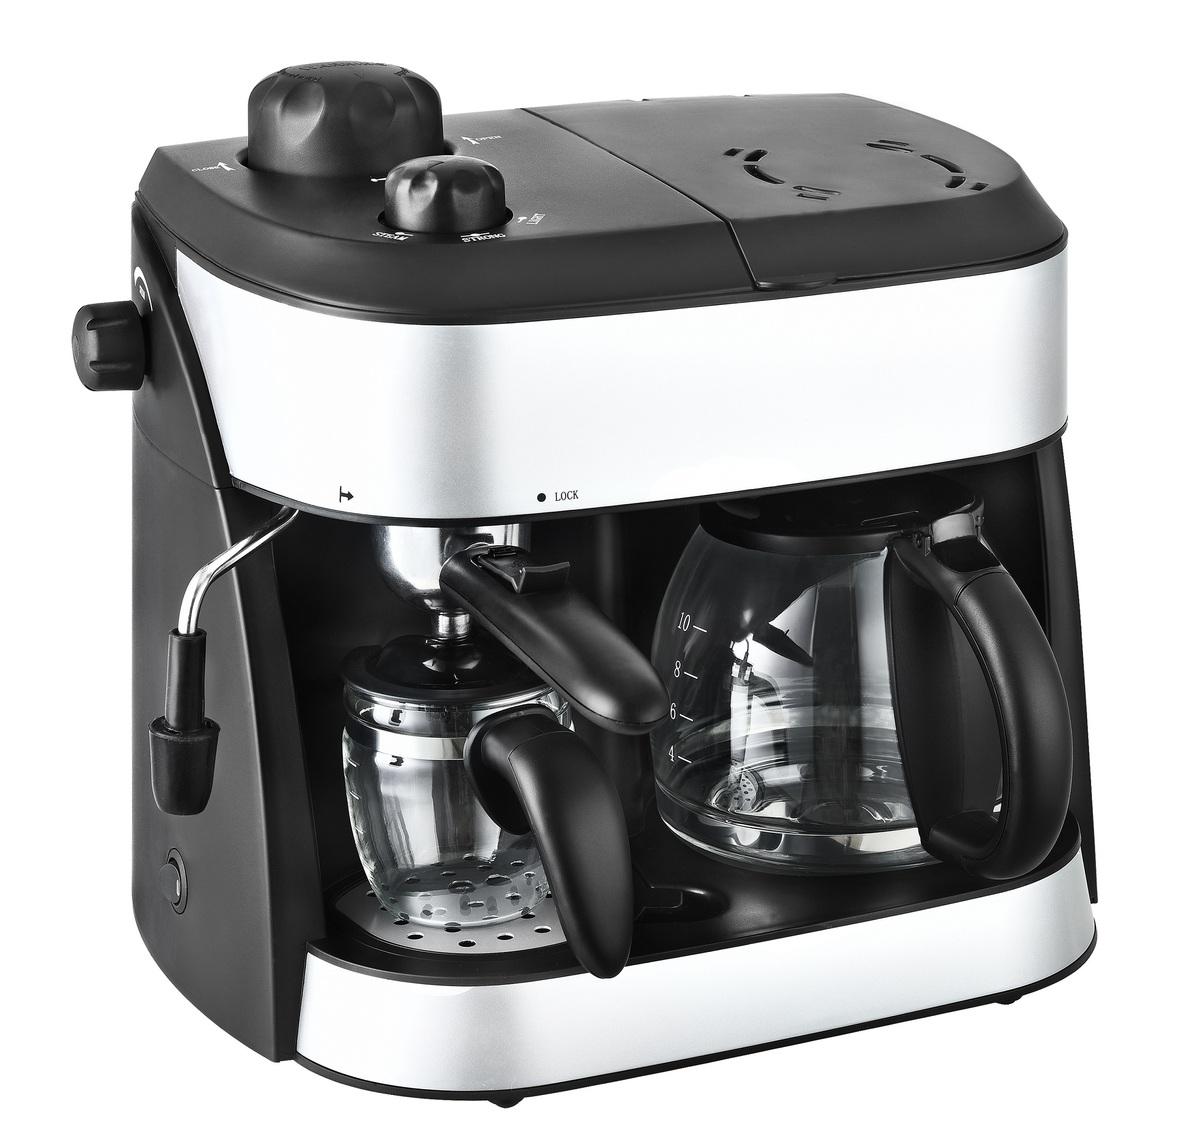 Bild 3 von Kalorik 2 in 1 Espresso- und Kaffeekombiautomat TKG EXP 1001 C mit Kaffee- und Espressokanne